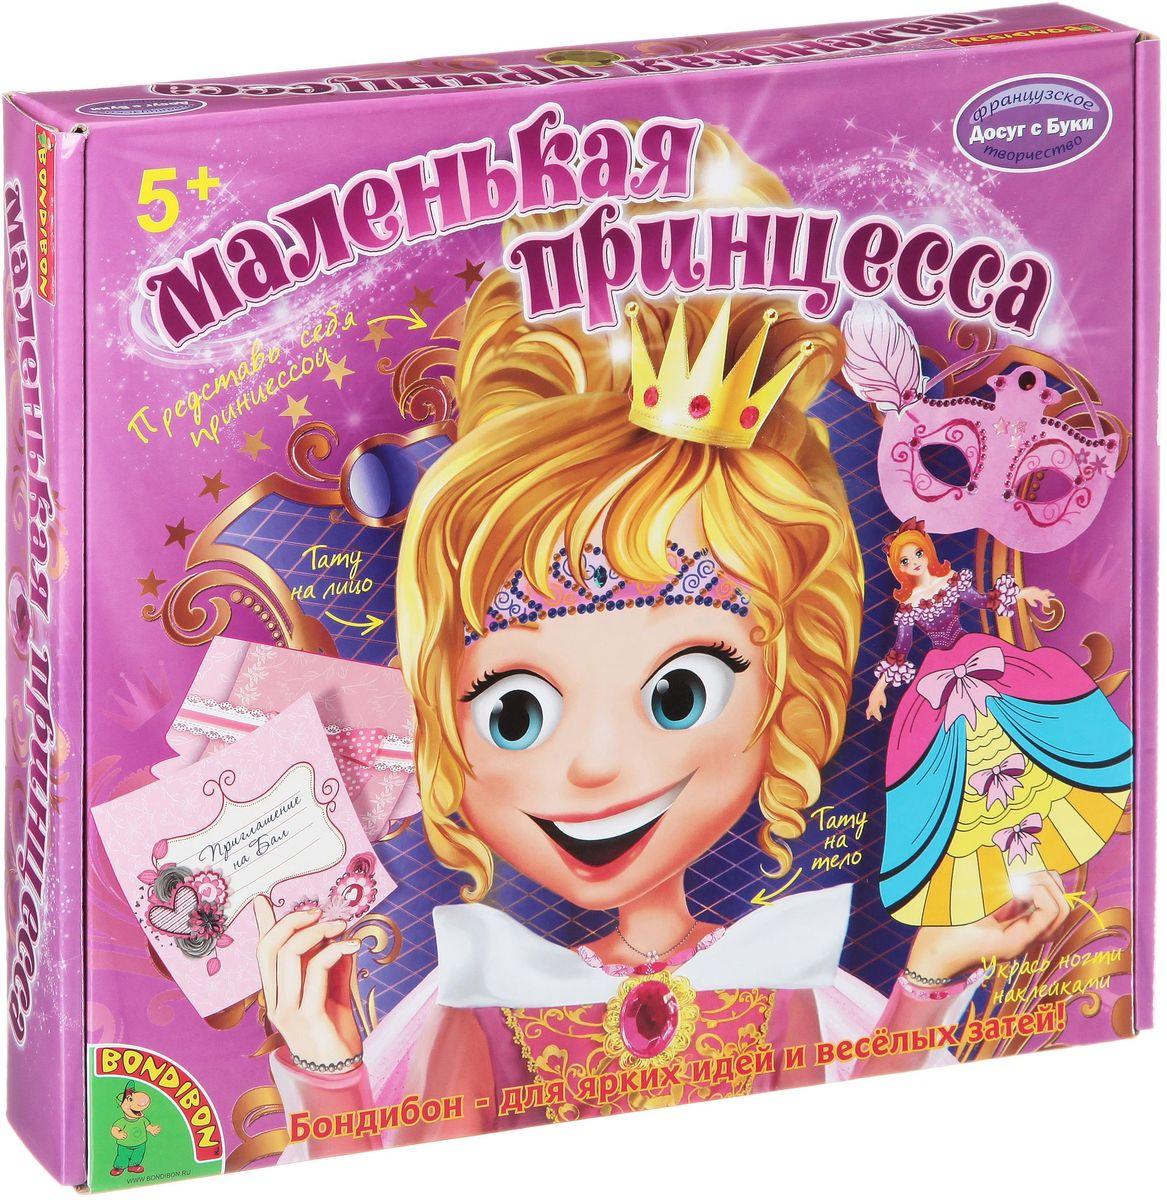 Bondibon Набор для моделирования из бумаги Маленькая принцесса